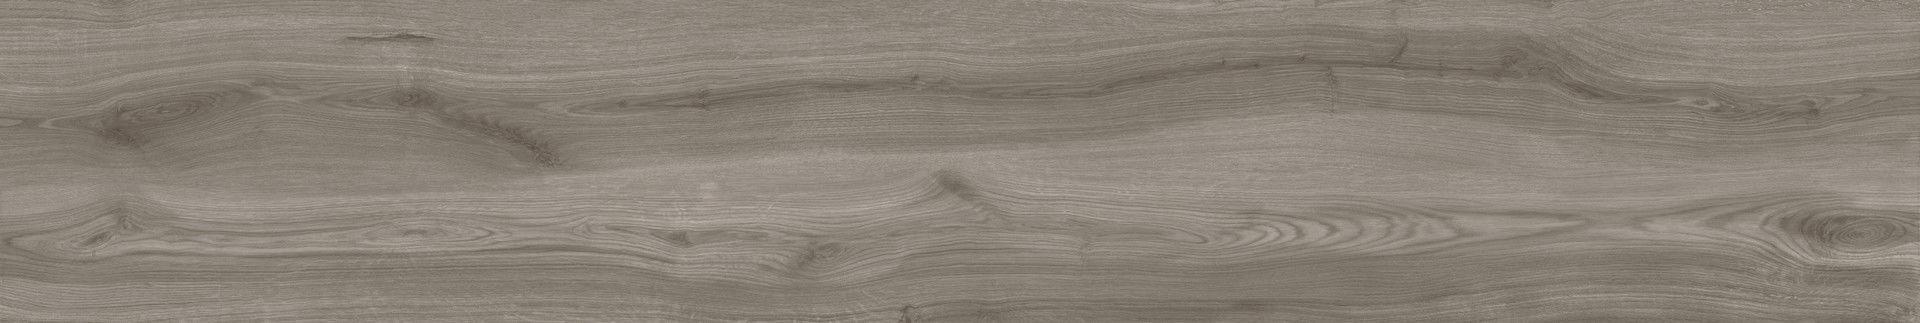 Tau Ceramica Origin Gray 20x120 płytka drewnopodobna